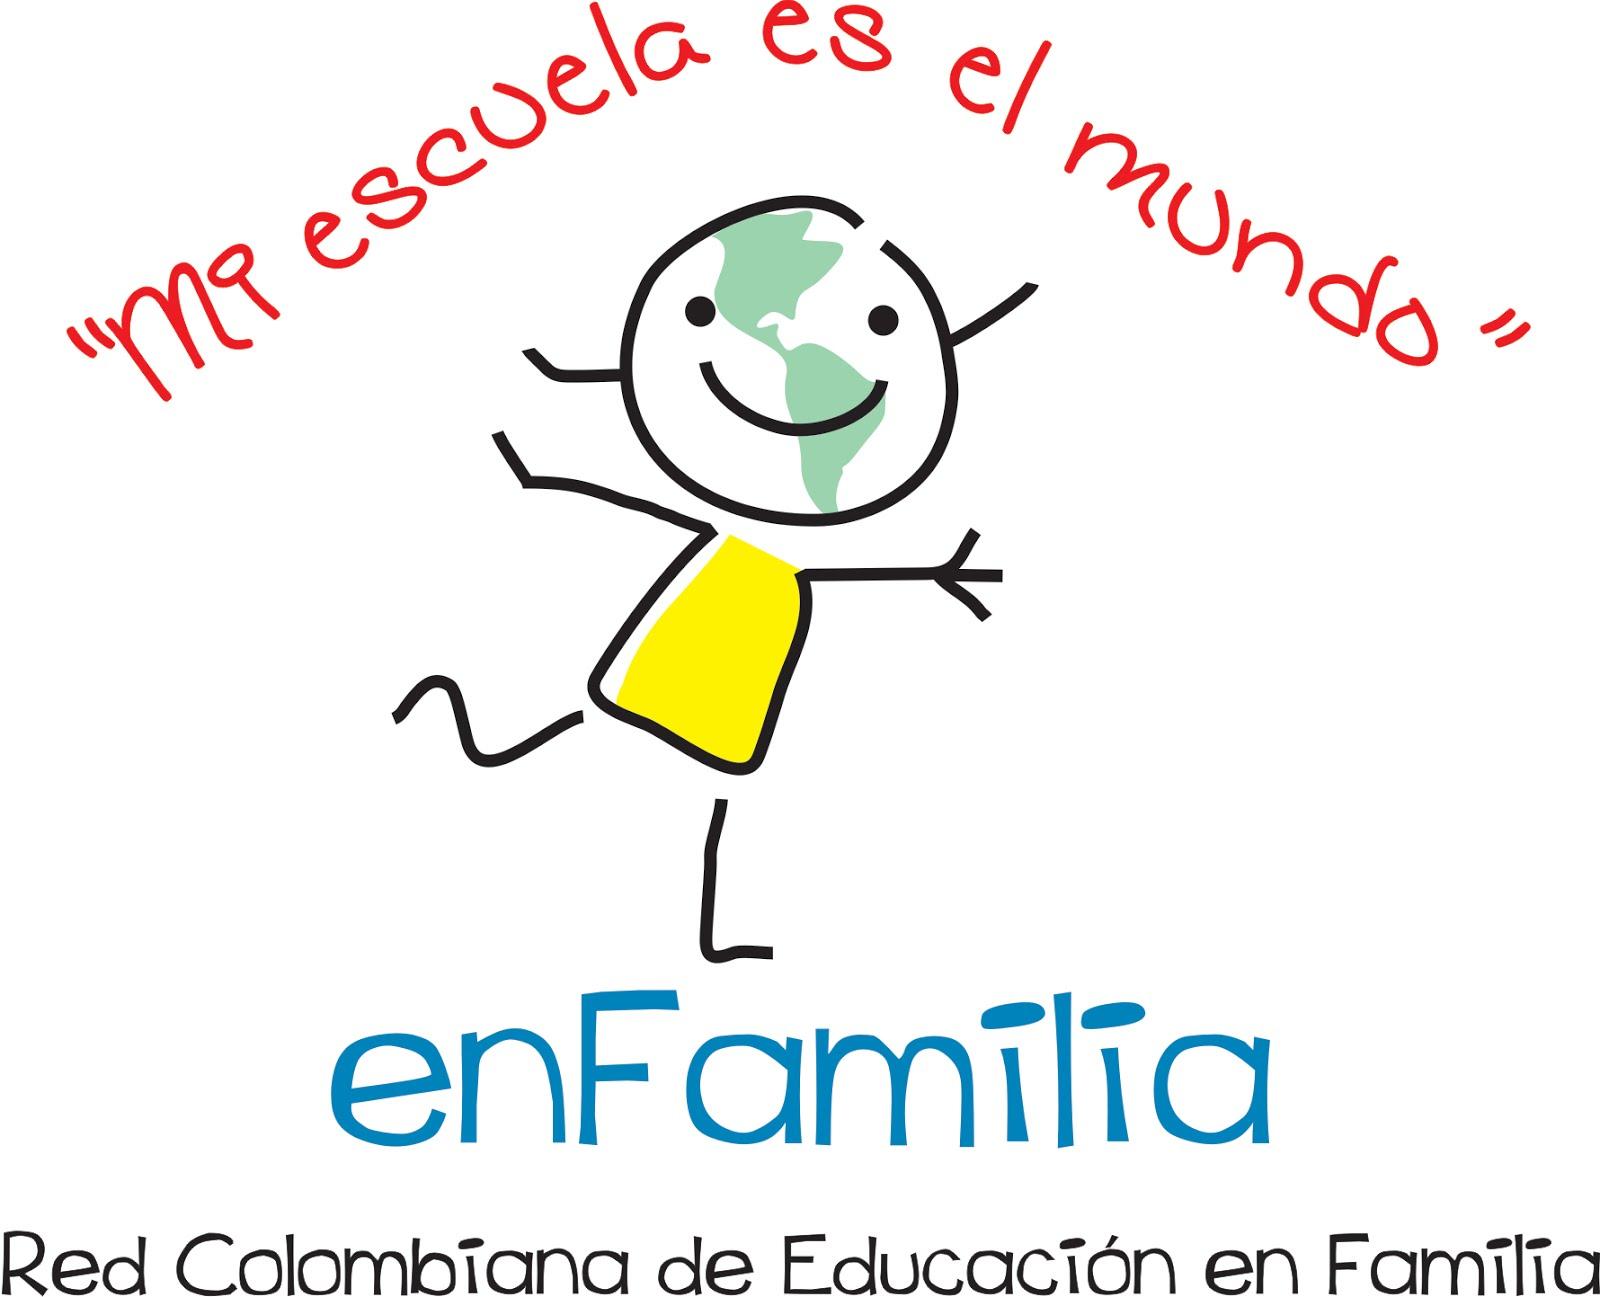 Red Colombiana de Educación en Familia